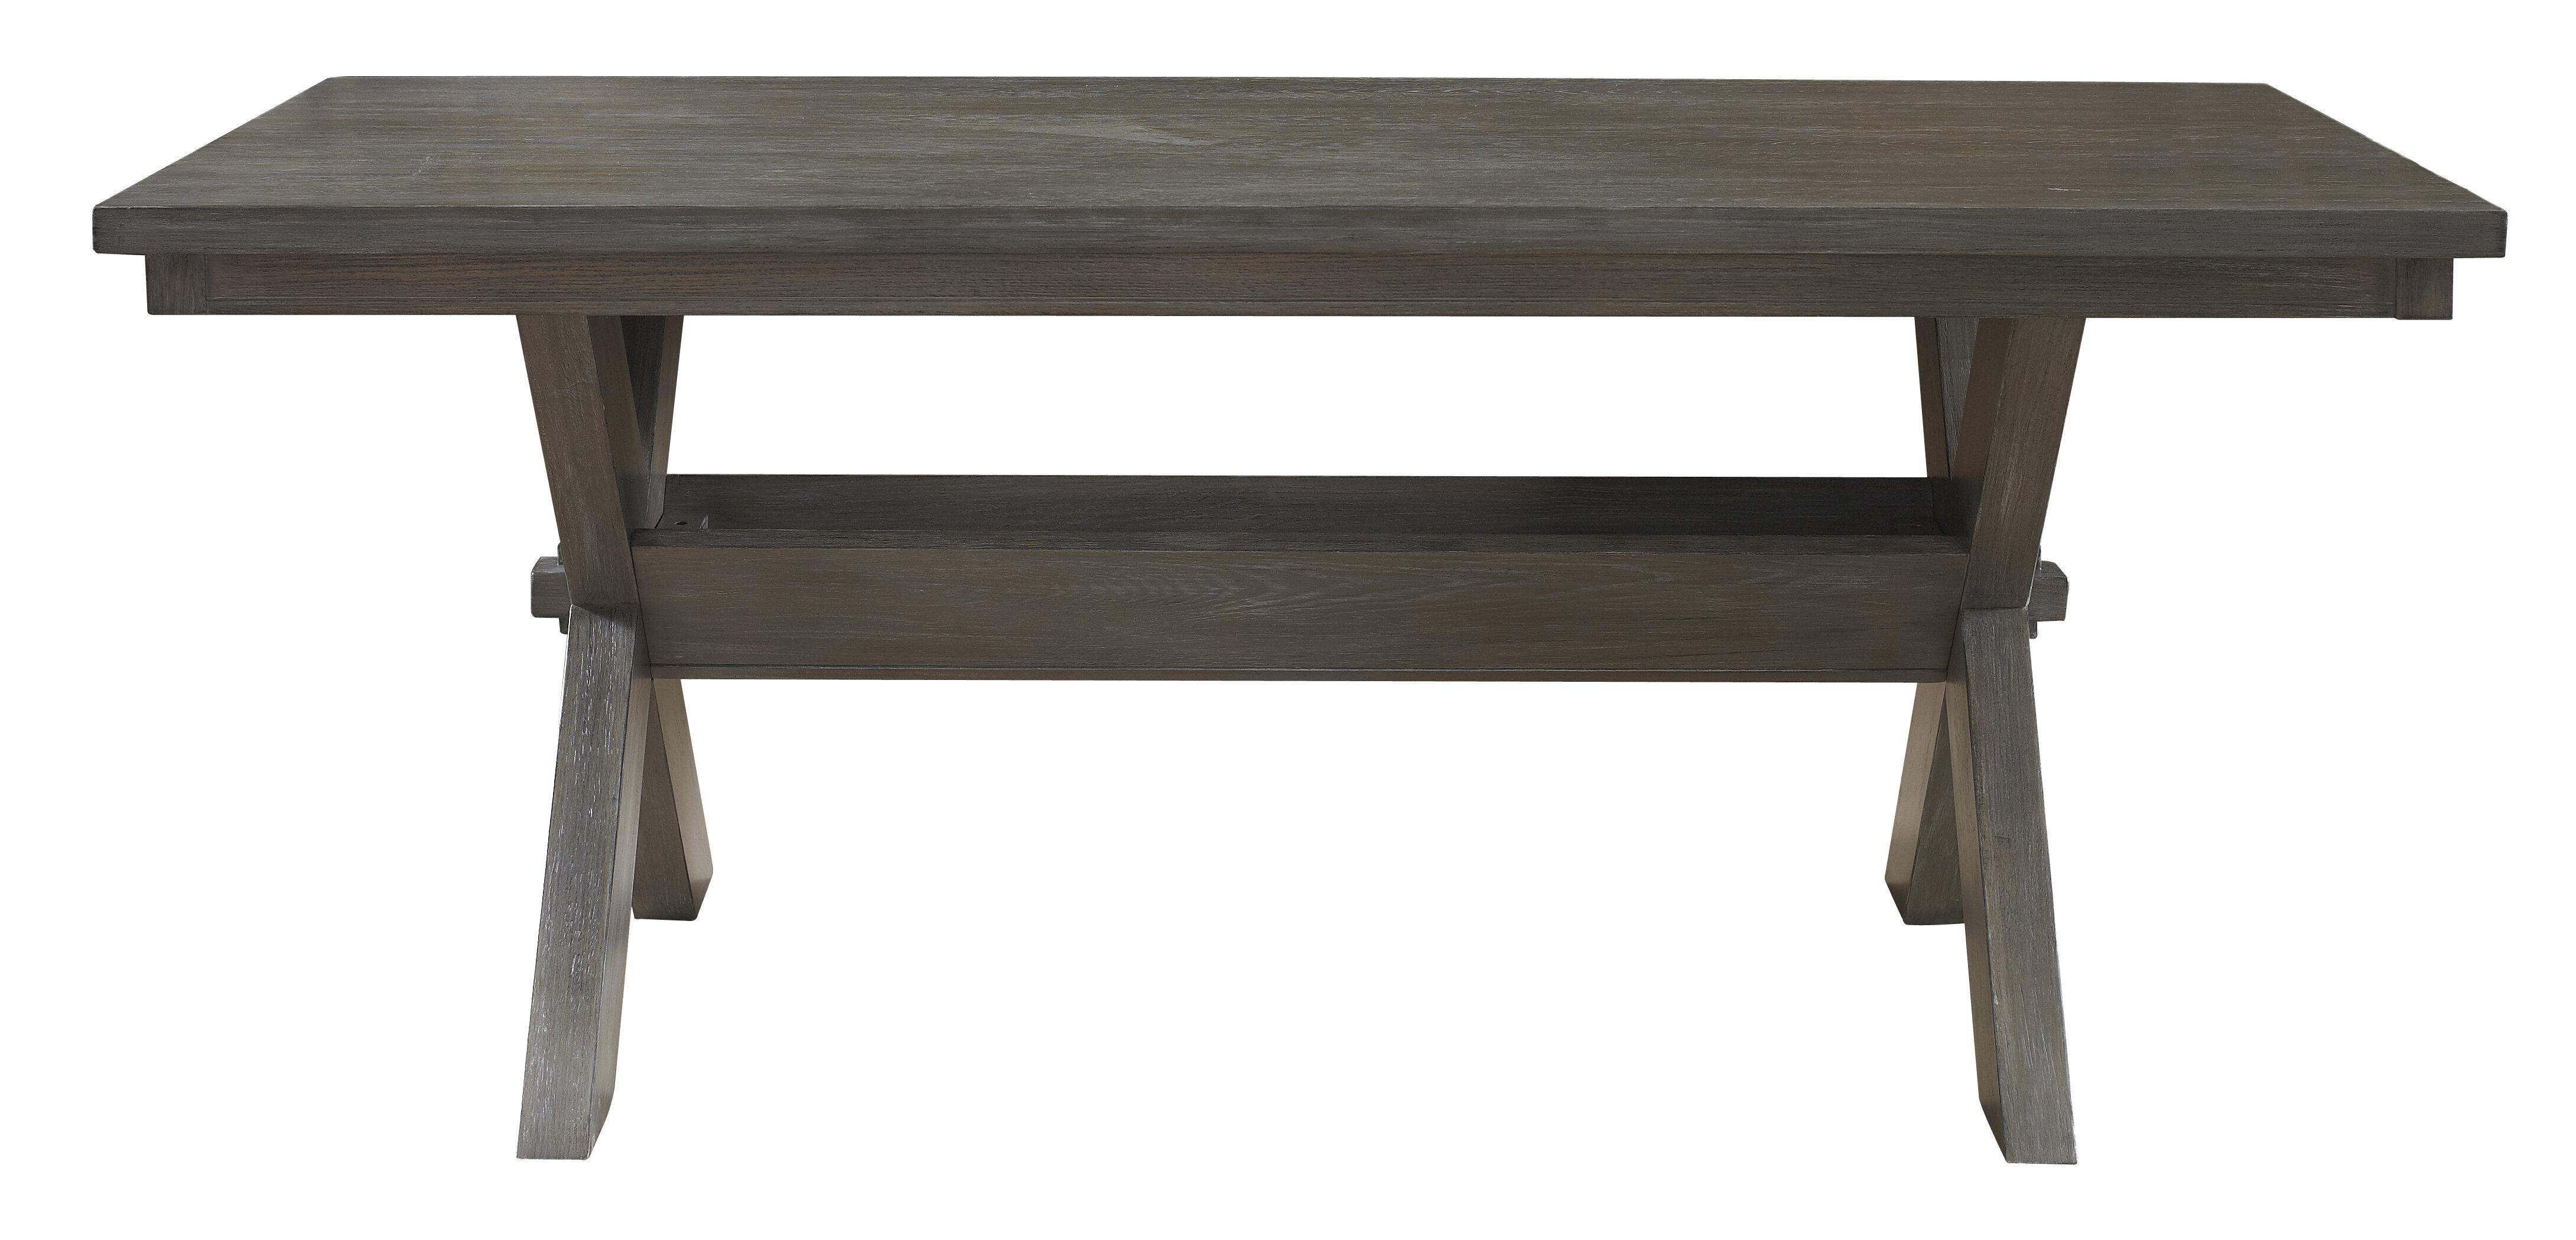 Lark manor quentin rectangular dining table reviews wayfair